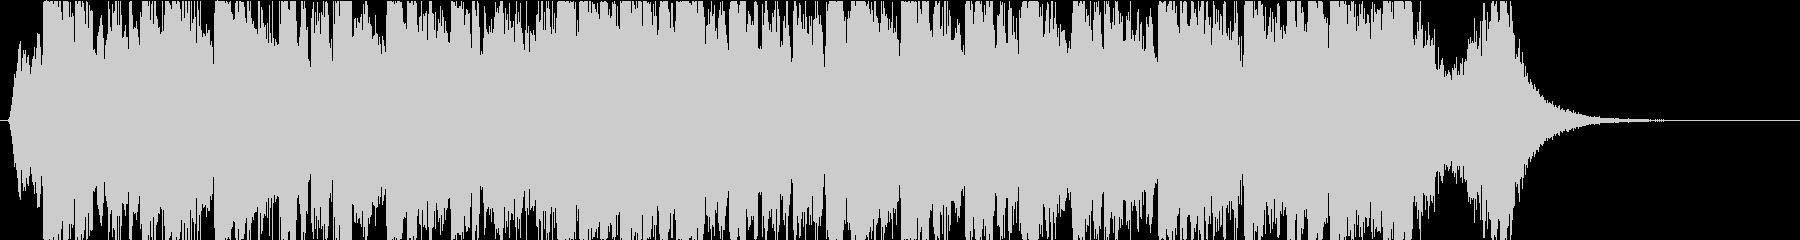 疾走感、壮大感ピアノオーケストラ-短縮版の未再生の波形